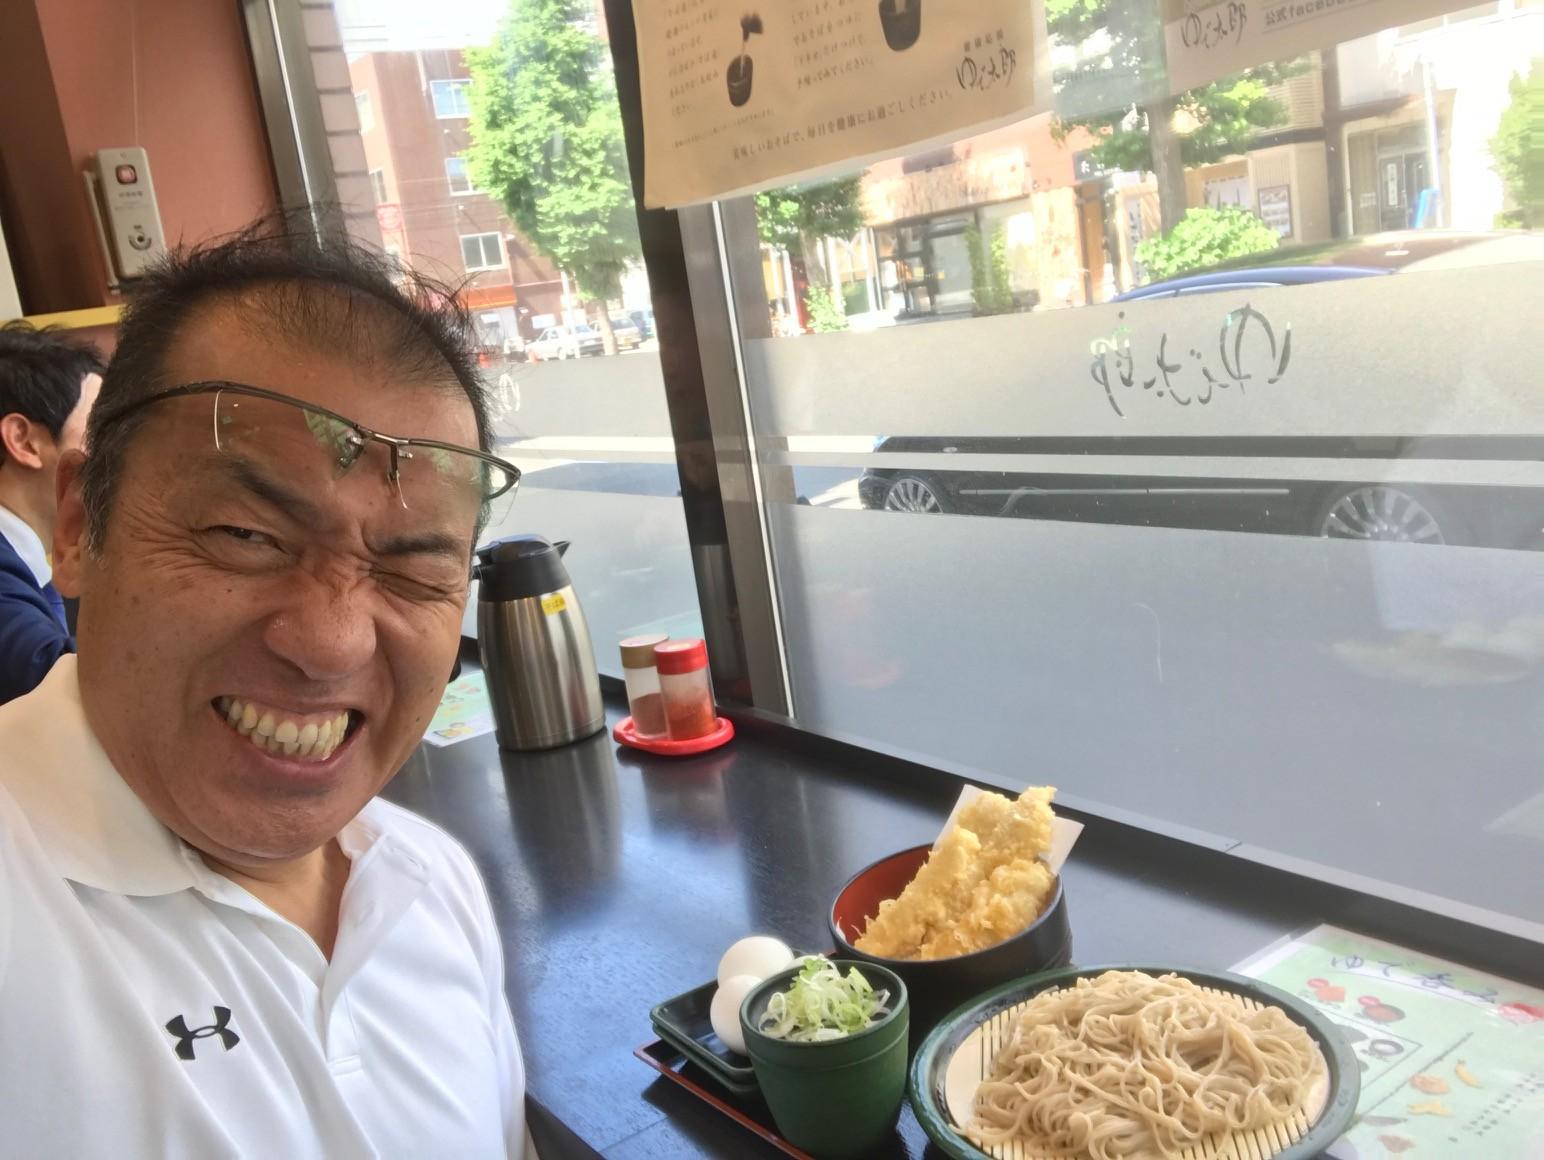 シュワルツ浅井蕎麦を食う